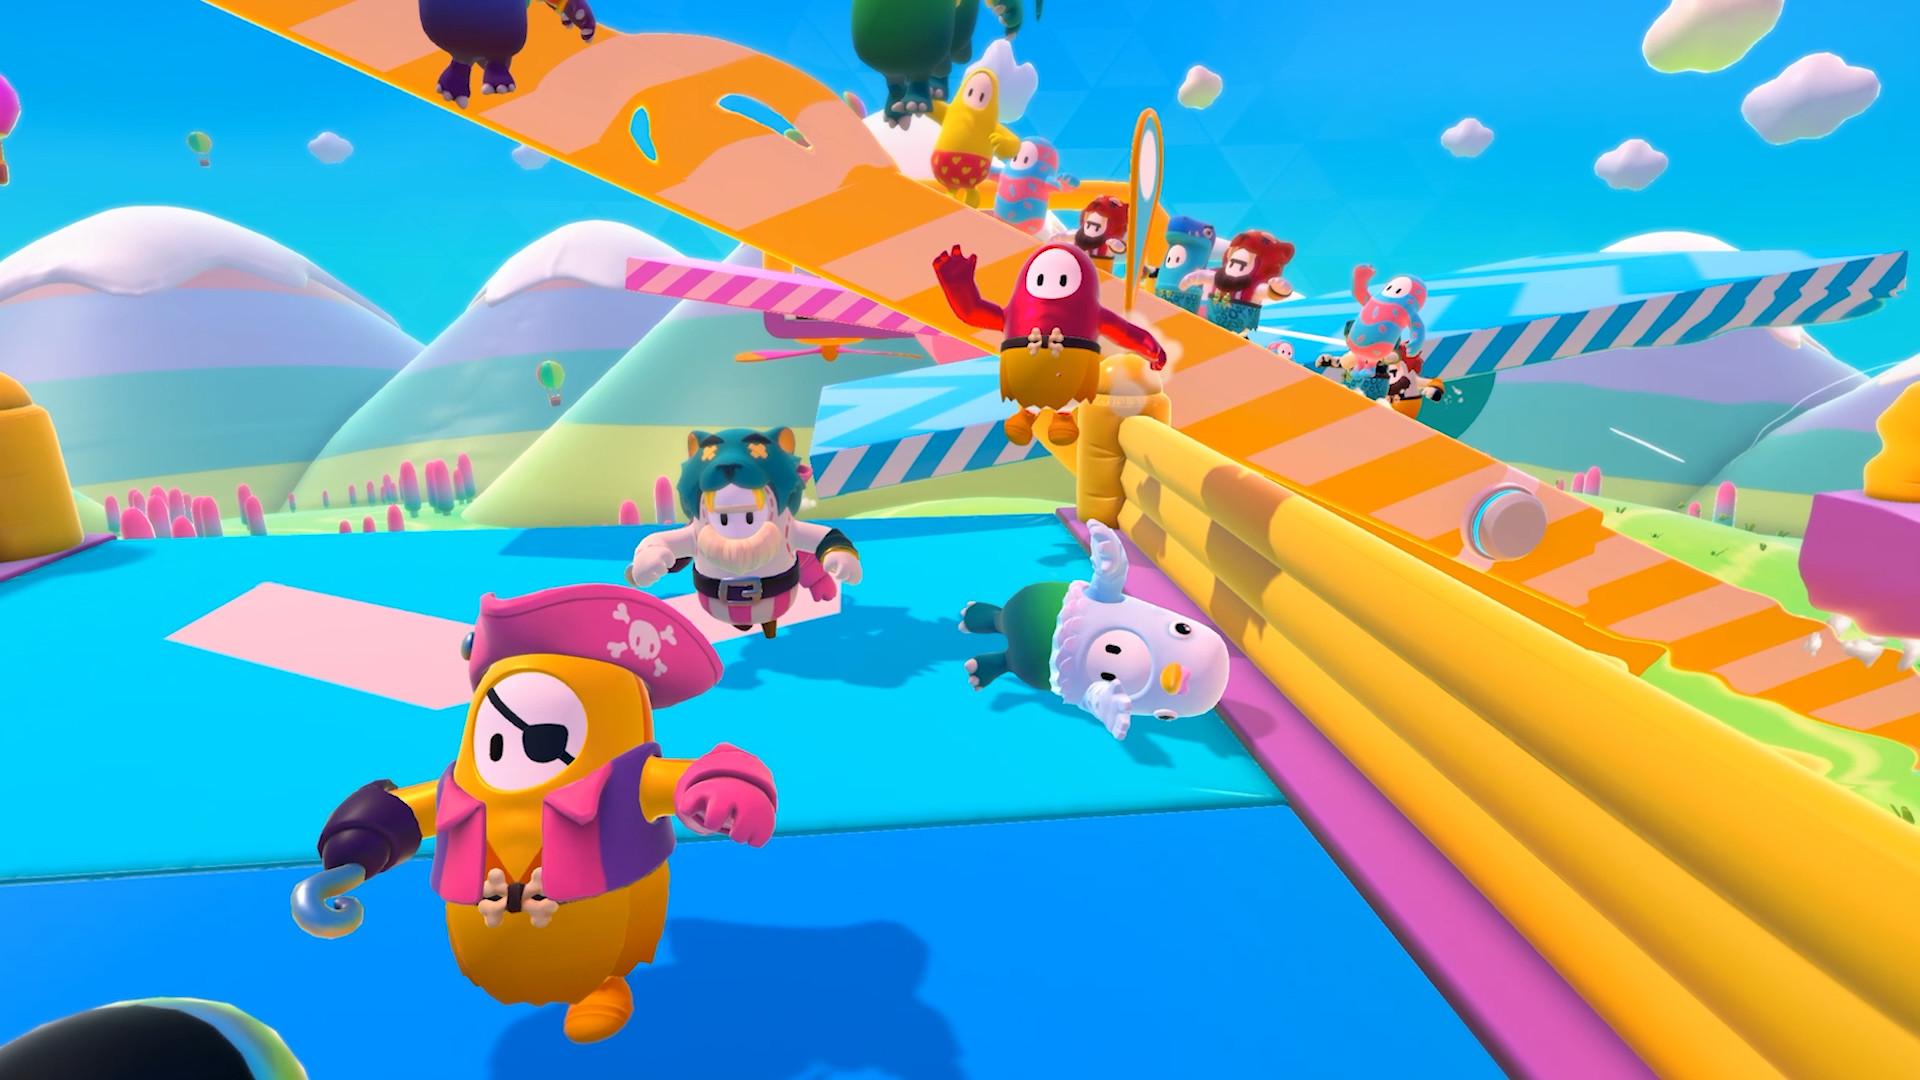 游戏中的博弈论 《糖豆人》为大逃杀展开了一条新思路 (15)